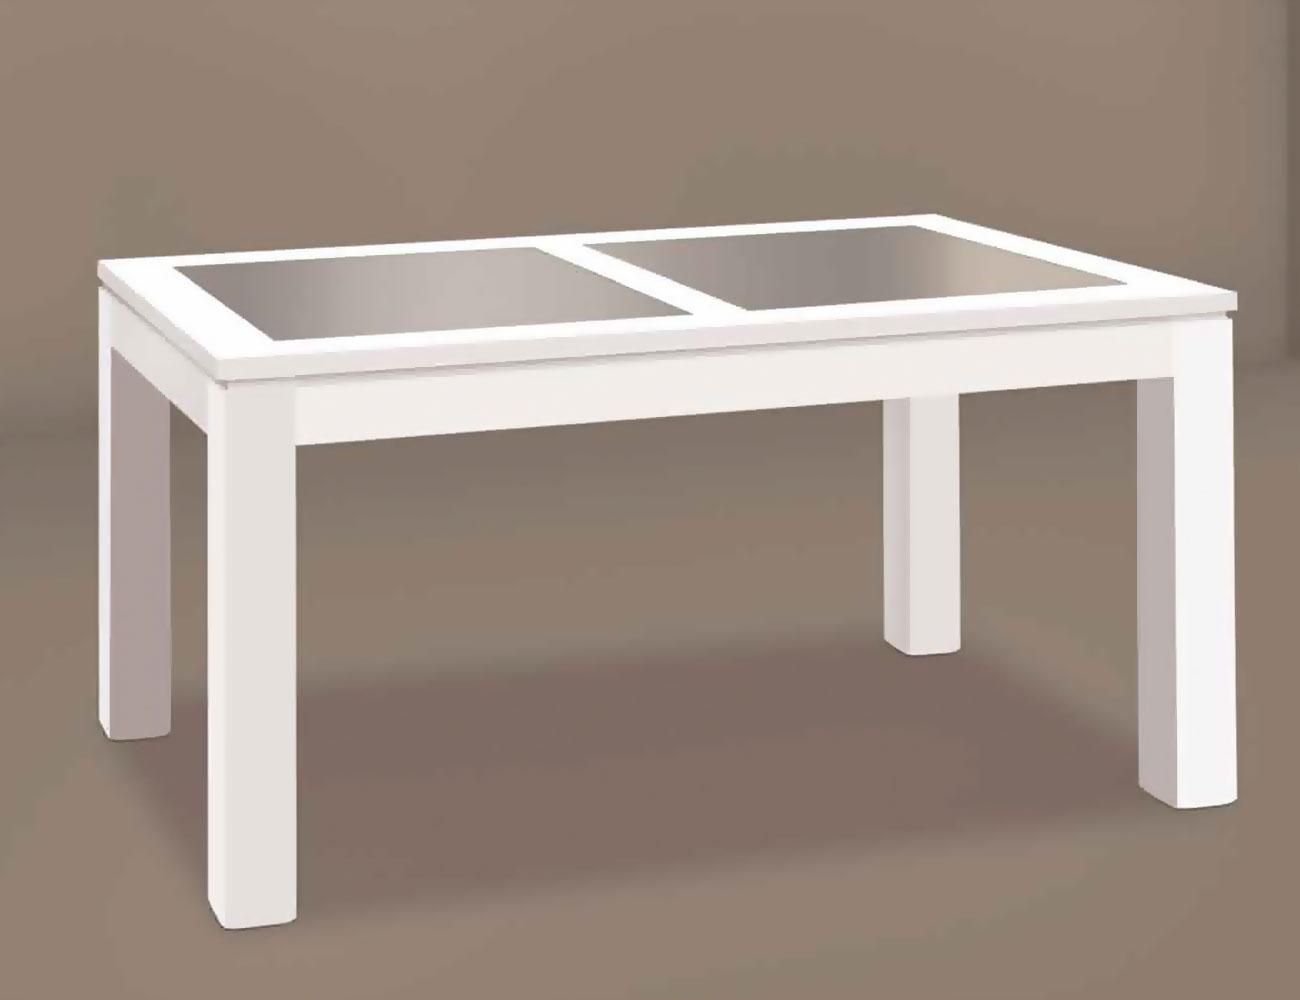 Mesas de comedor de madera y cristal mesa base de madera - Mesa comedor cristal y madera ...